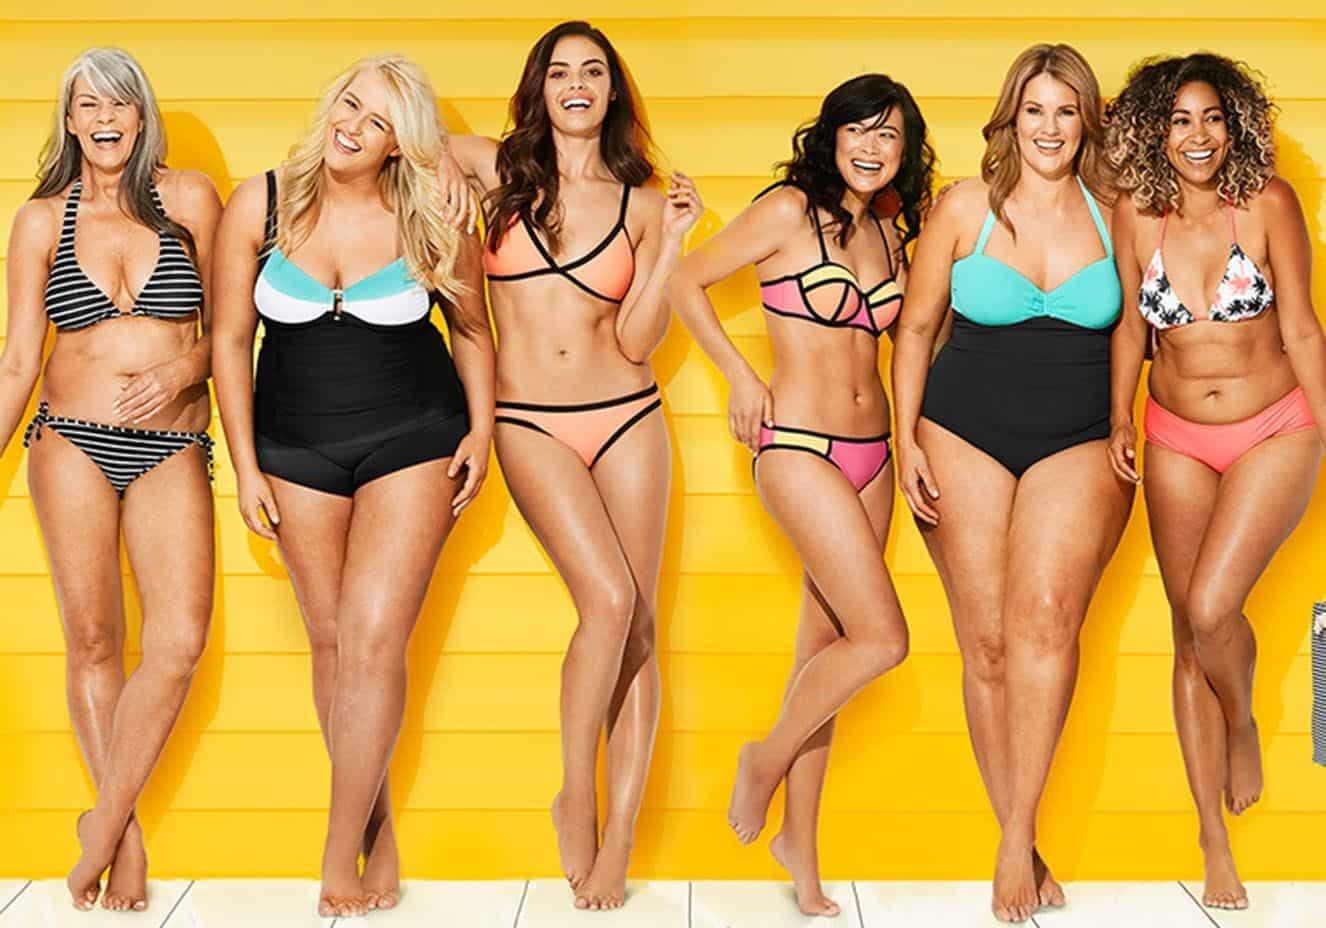 modelos de biquini os principais modelos que estao bombando no verao 2 - Modelos de bikini: los principales modelos que están fuera de casa en el verano.